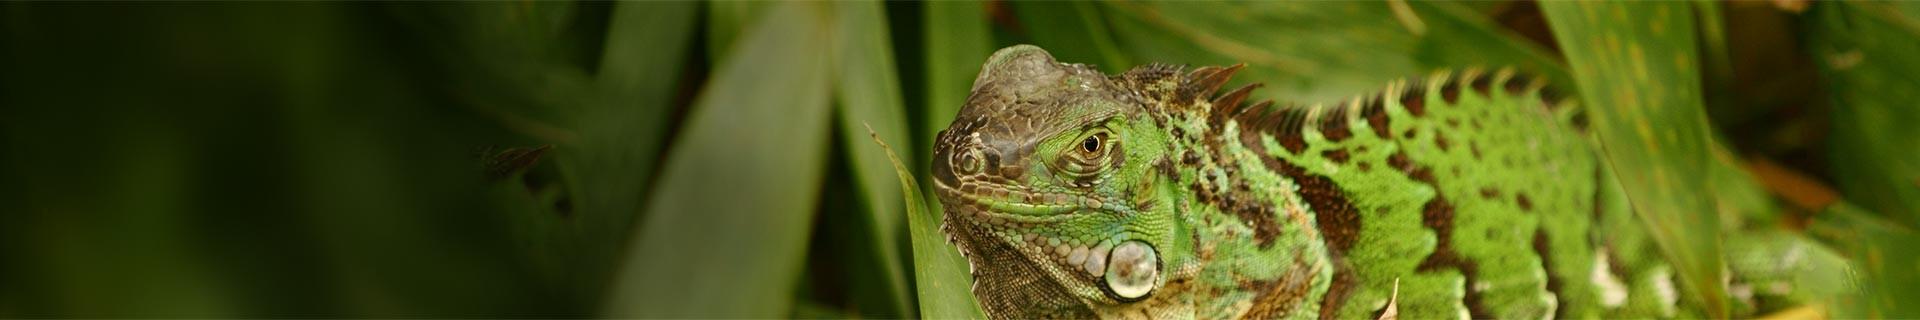 Foto Iguana Costa Rica